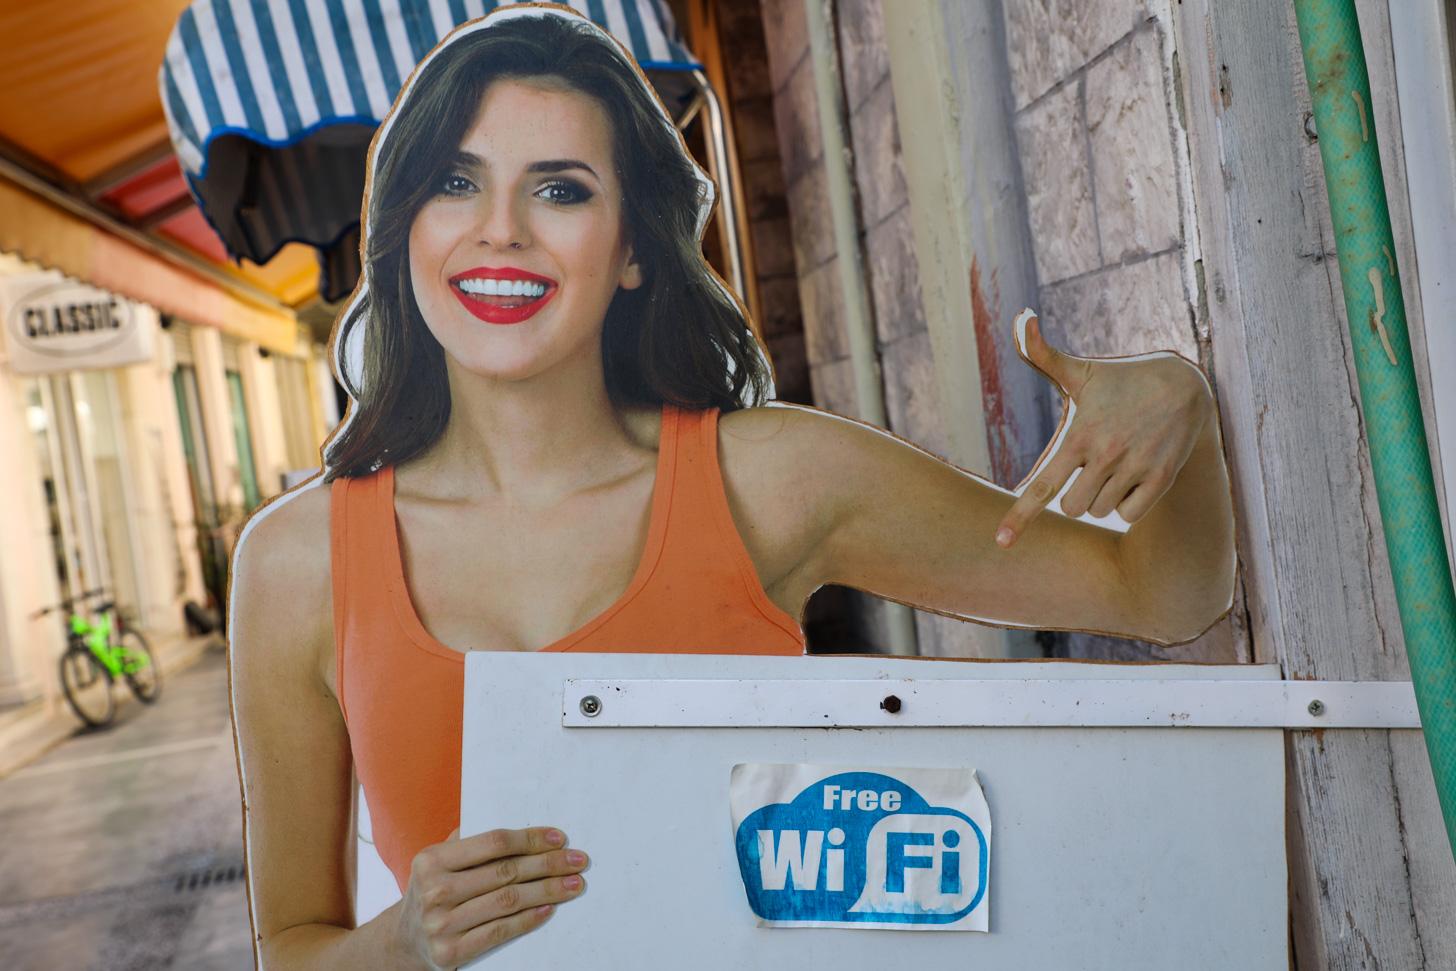 Op veel plekken vind je gratis Wi-Fi